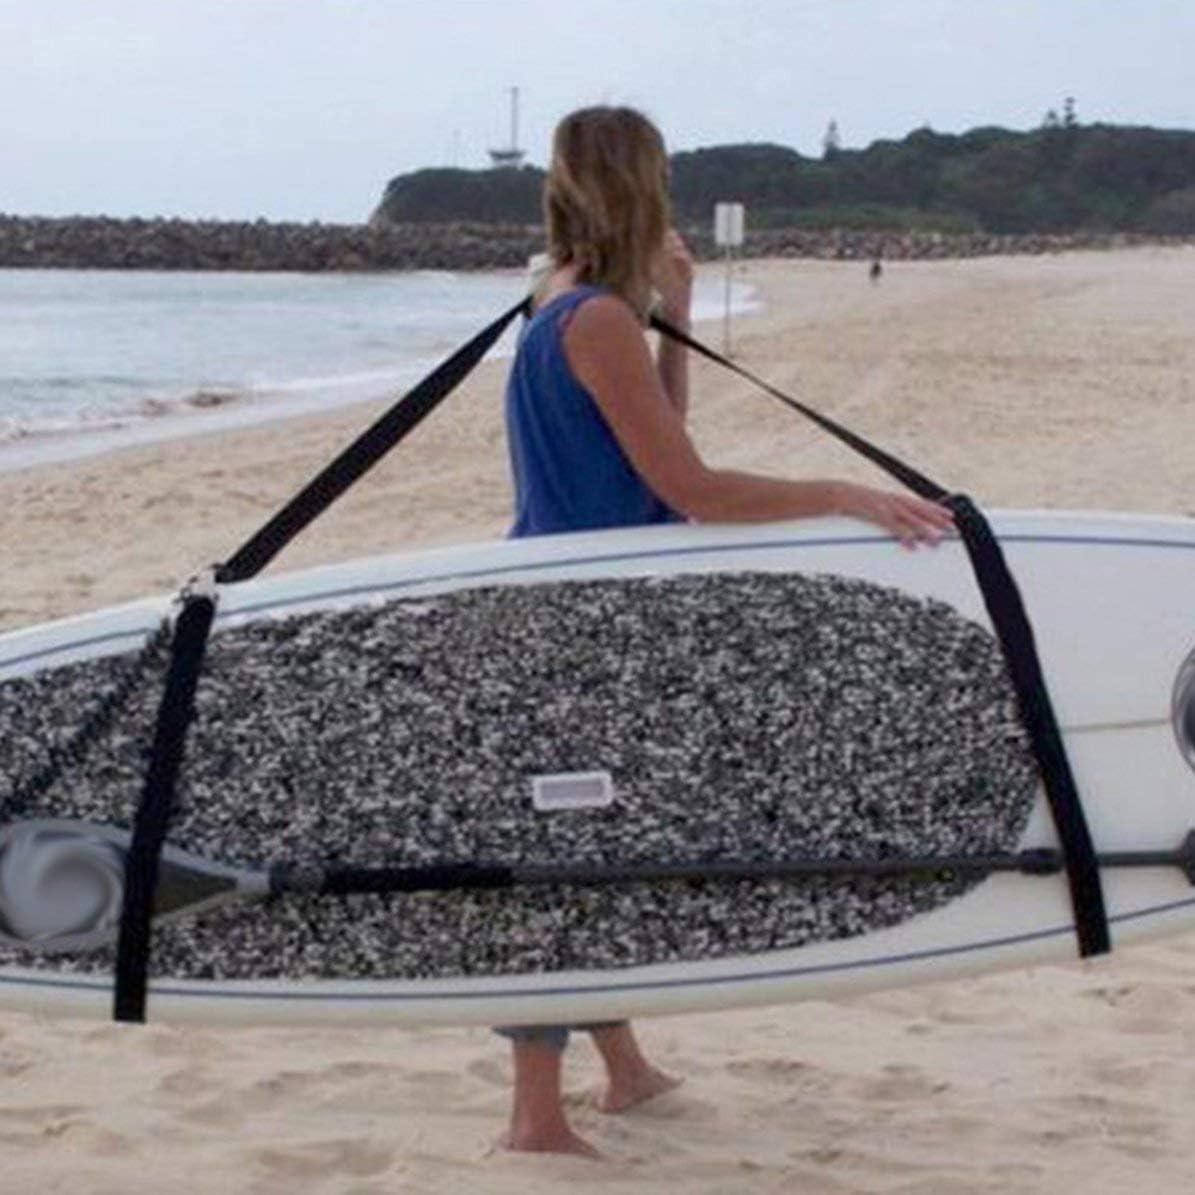 Sunnyflowk Correa para el Hombro de la Tabla de Surf Pr/ácticos Accesorios para la Tabla de Surf Carling Sling Ajustable Stand Up Surfing Surf Paddle Board Carrier Negro